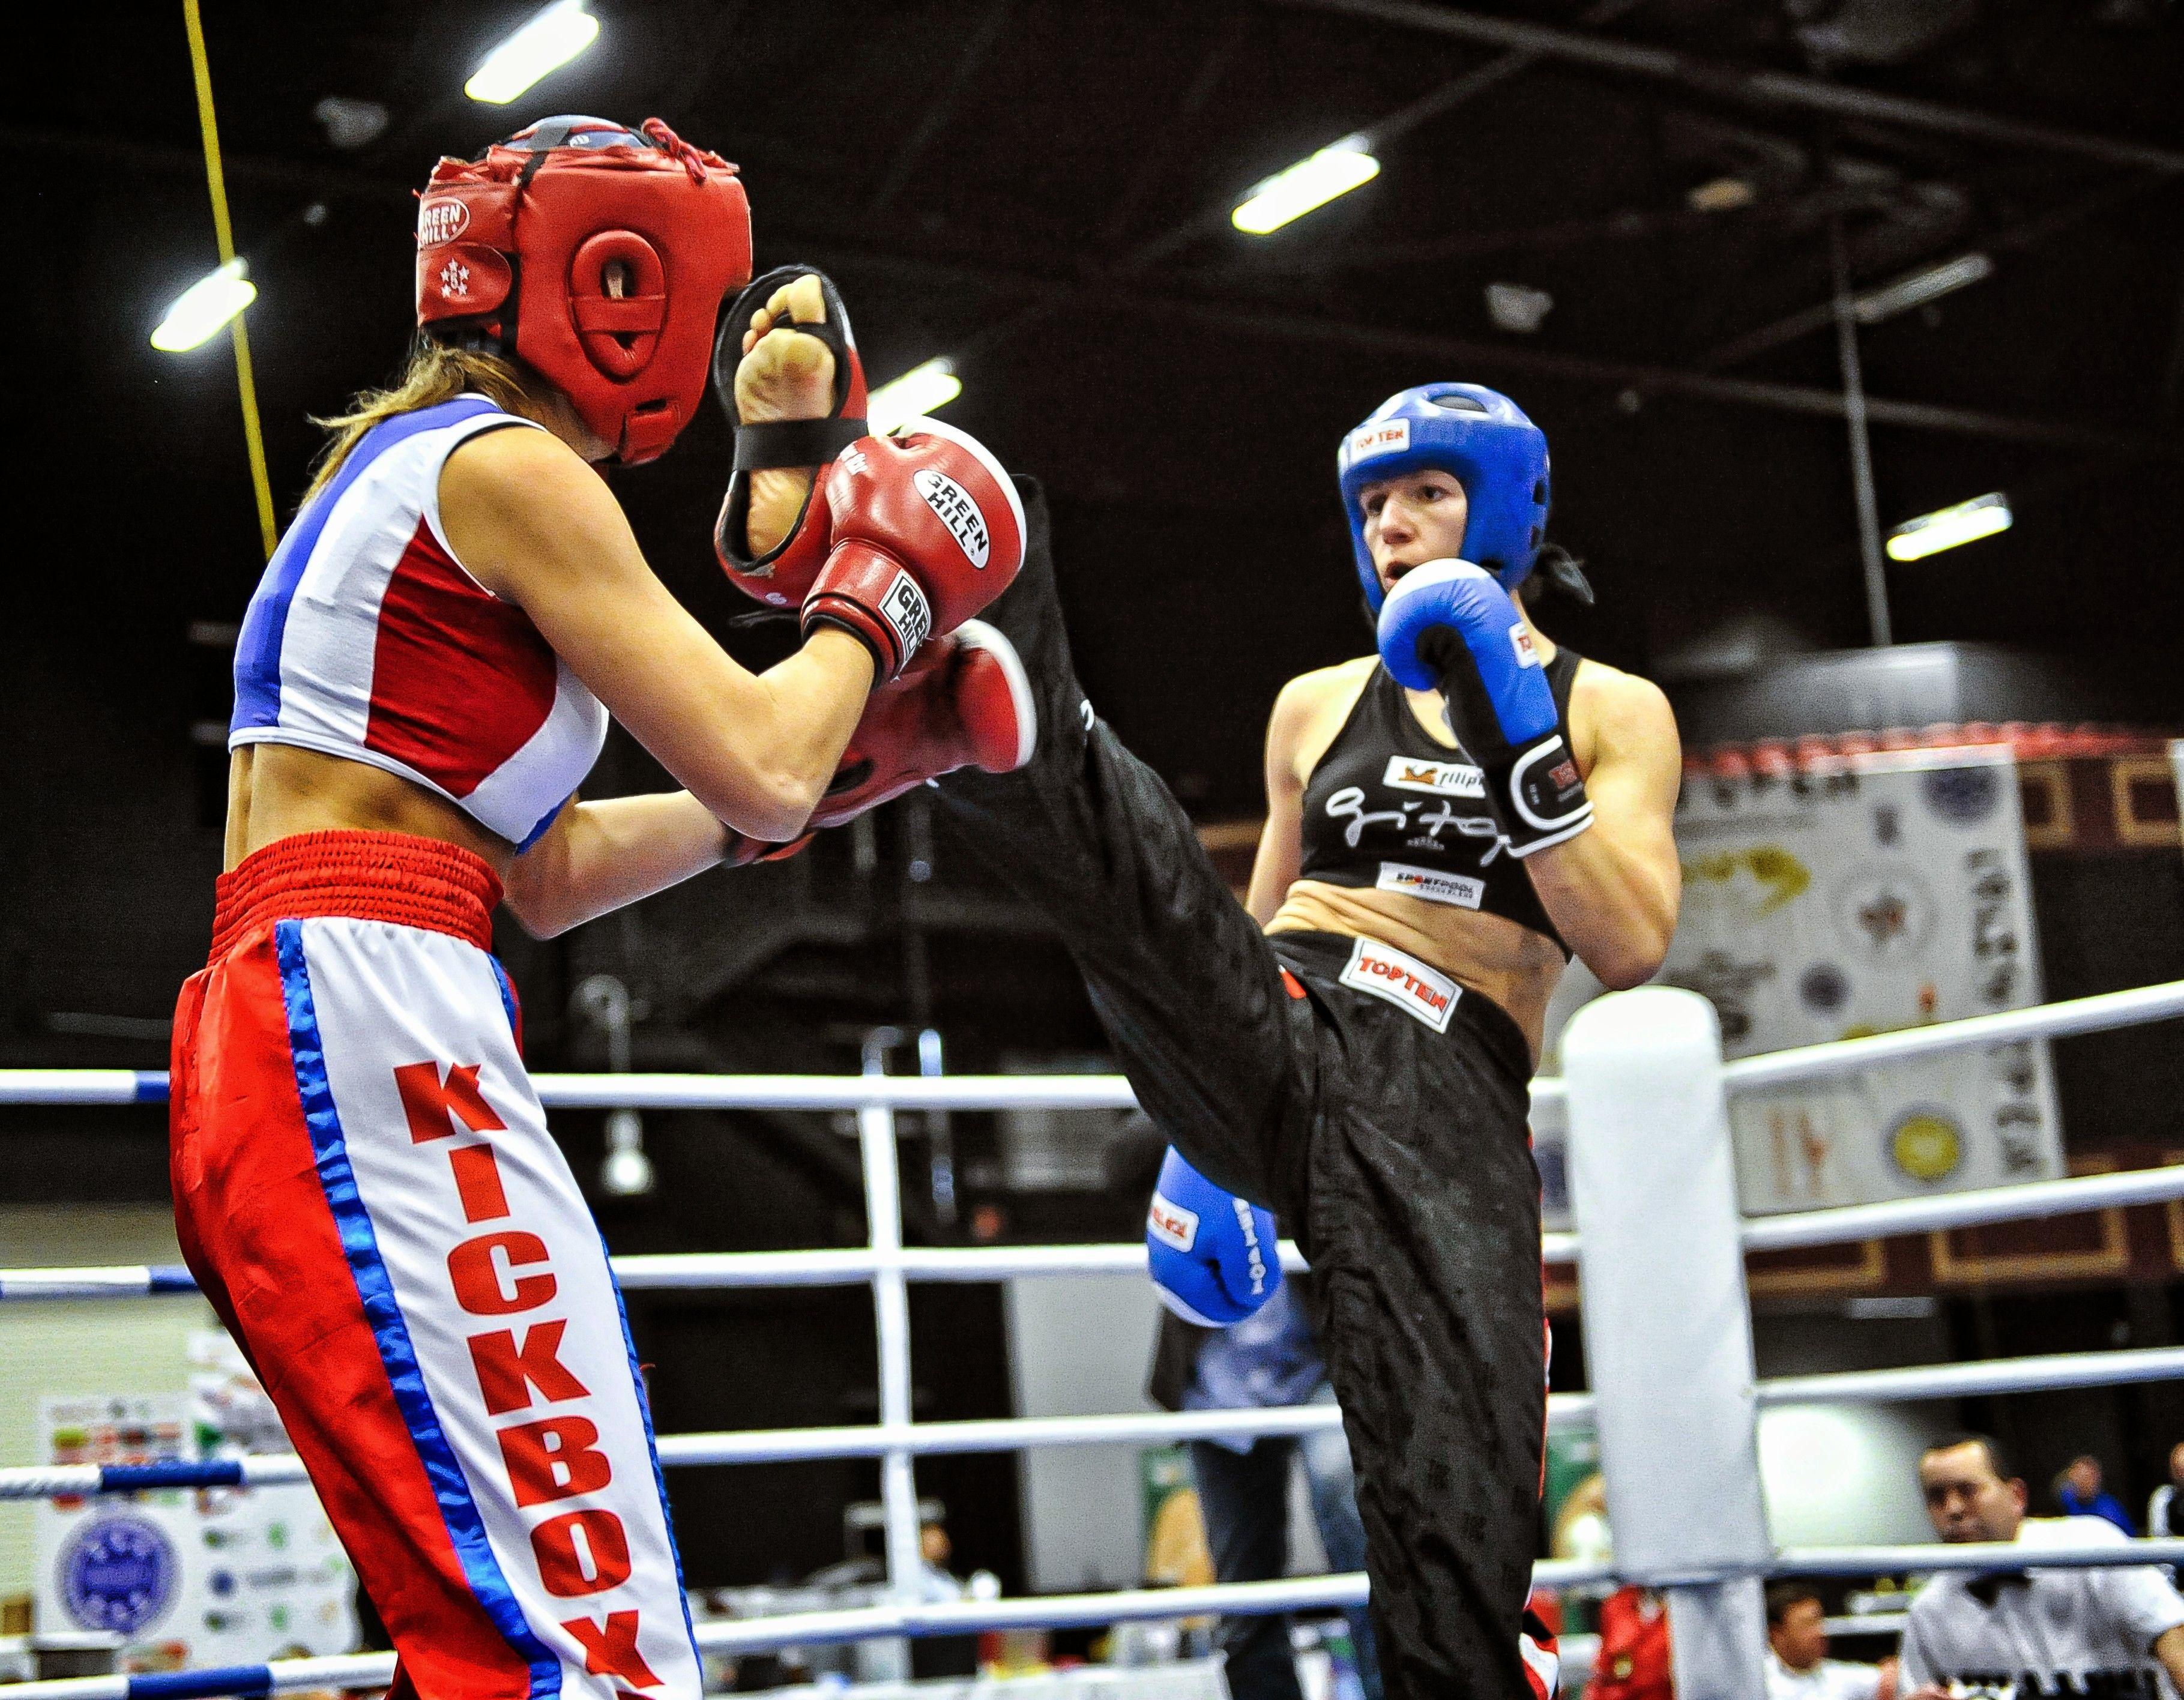 картинка кик боксинг теперь